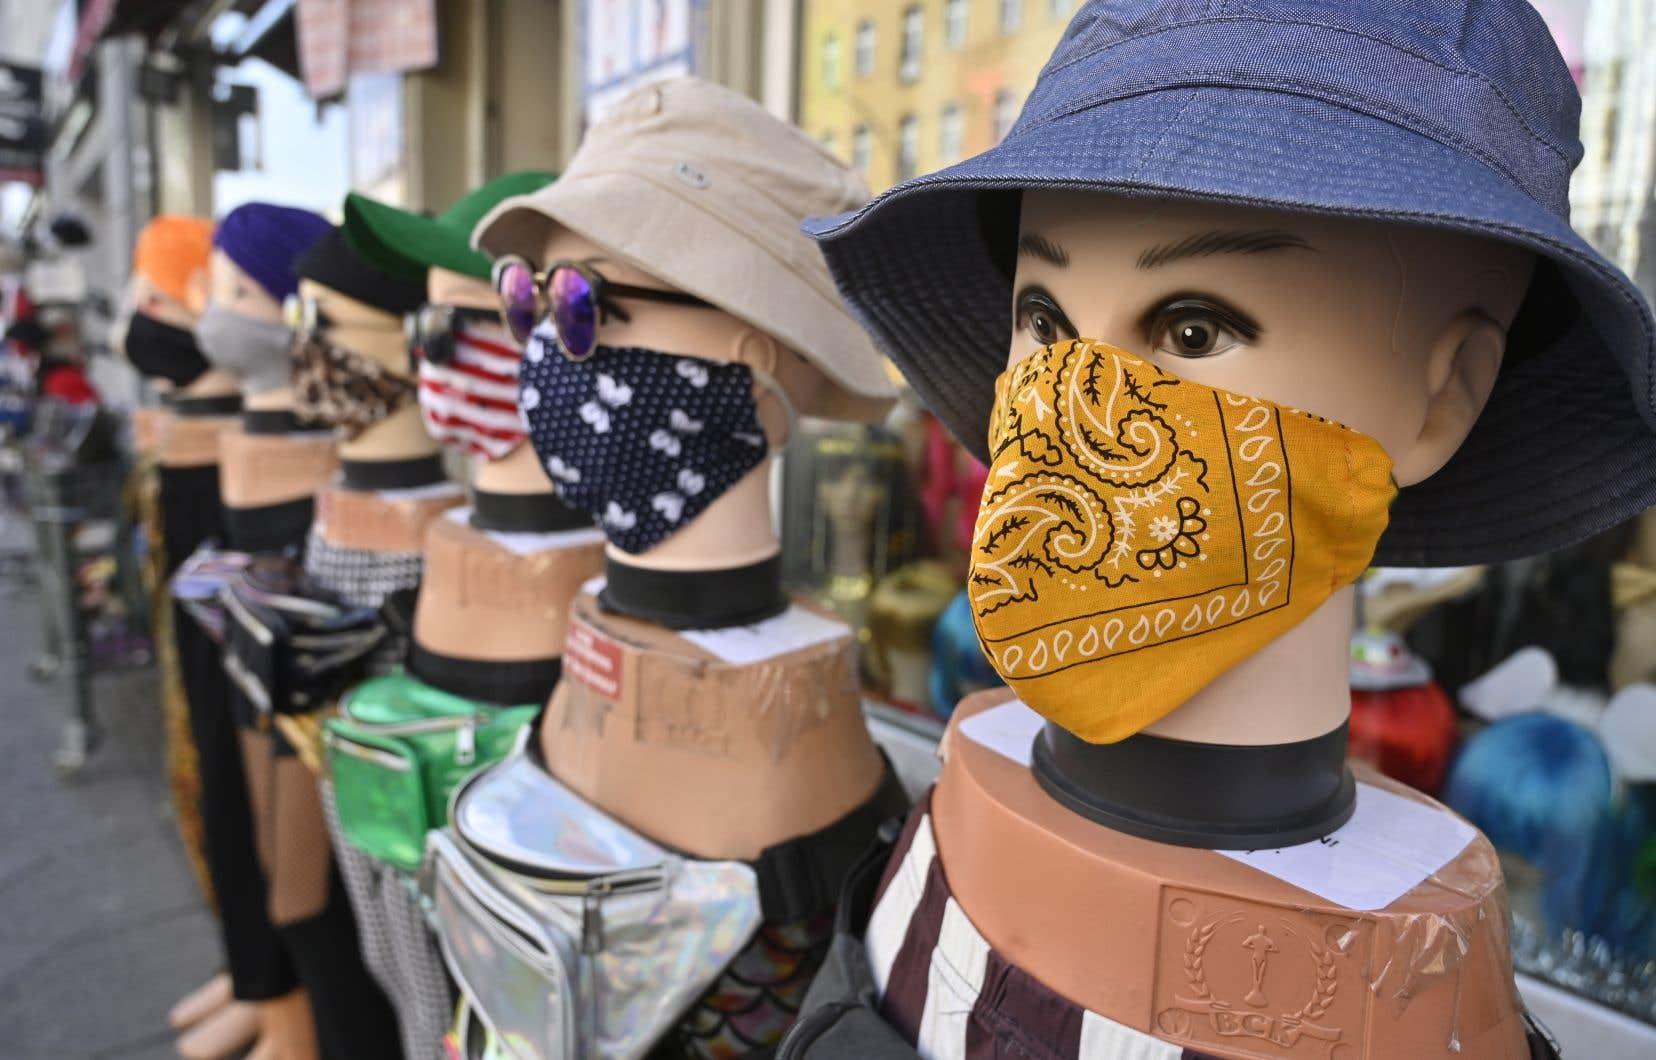 L'incidence des importations de la Chine sur le portefeuille des Canadiens s'est particulièrement fait sentir sur le prix de produits comme les vêtements, les chaussures et les meubles.